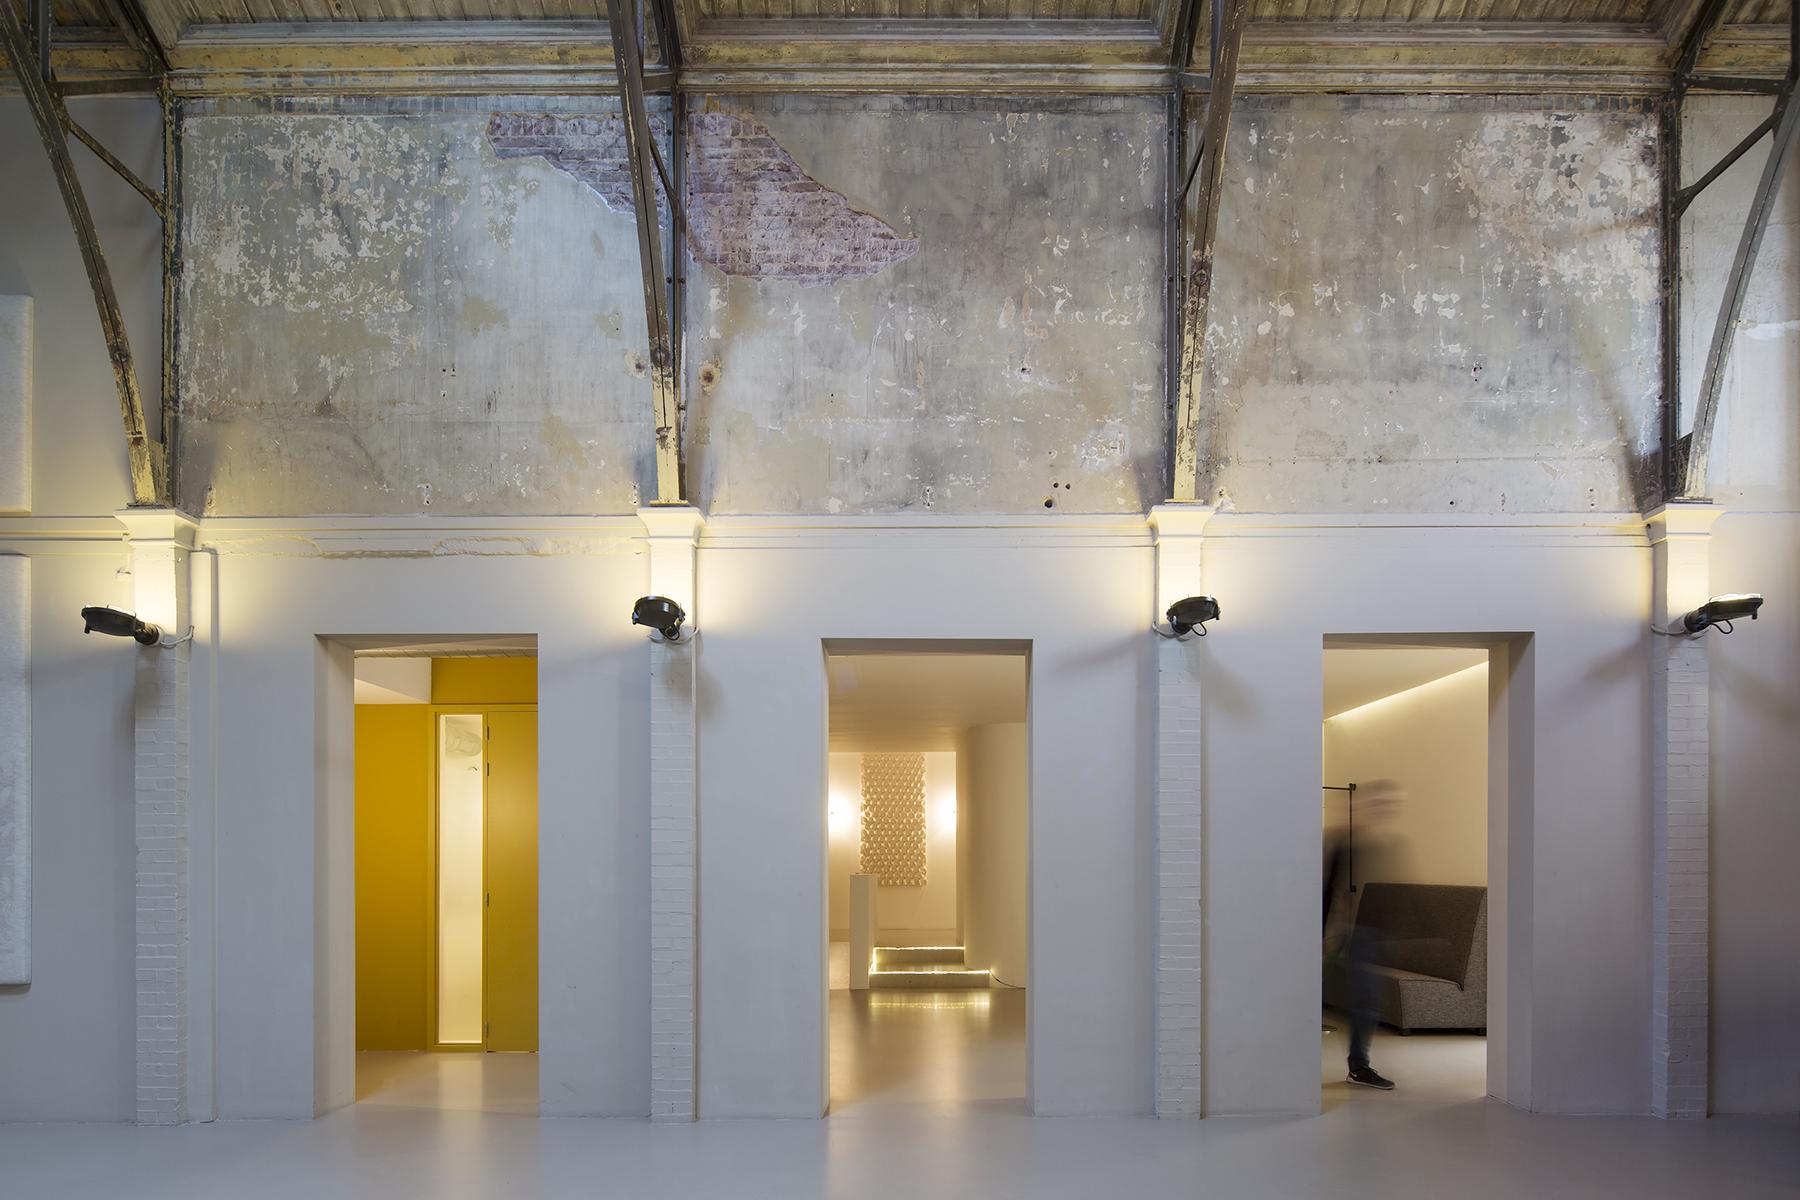 http://herengrachtindustrieprijs.nl/hip2018/gezondheidscentrum-bevers-en-barten/